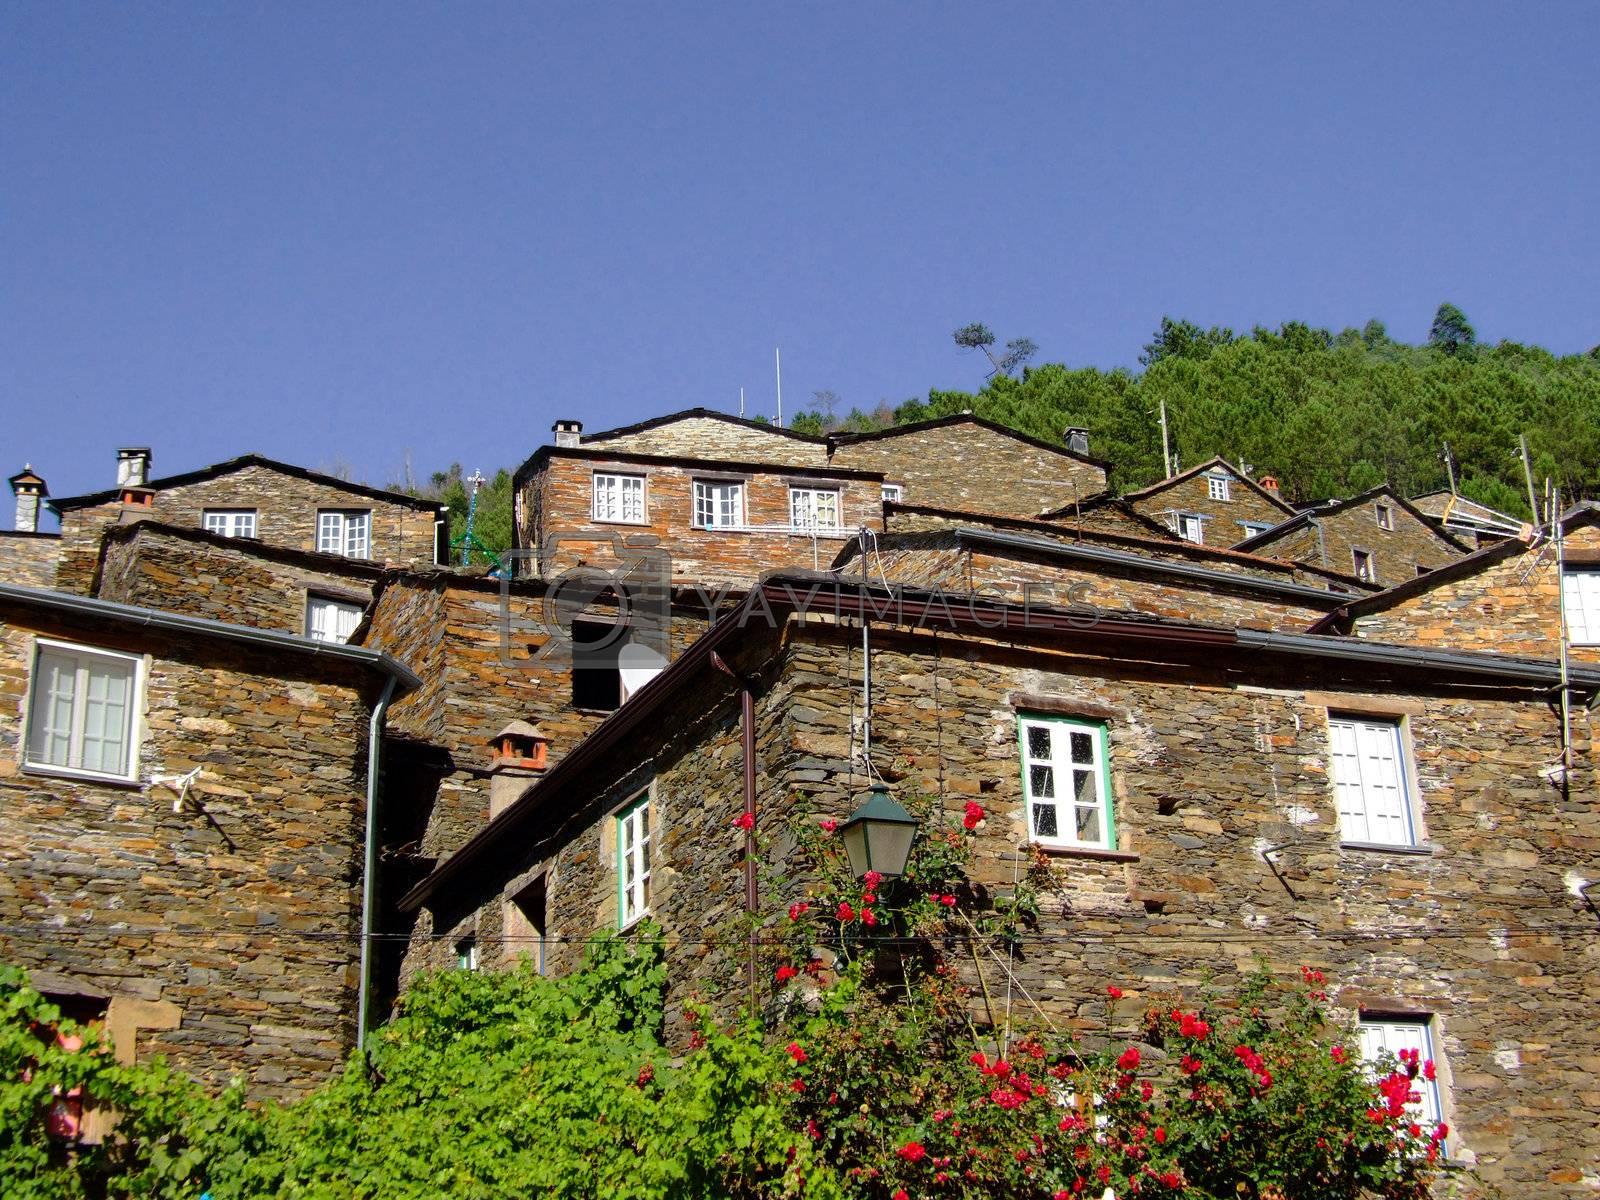 Village of Piodão by PauloResende